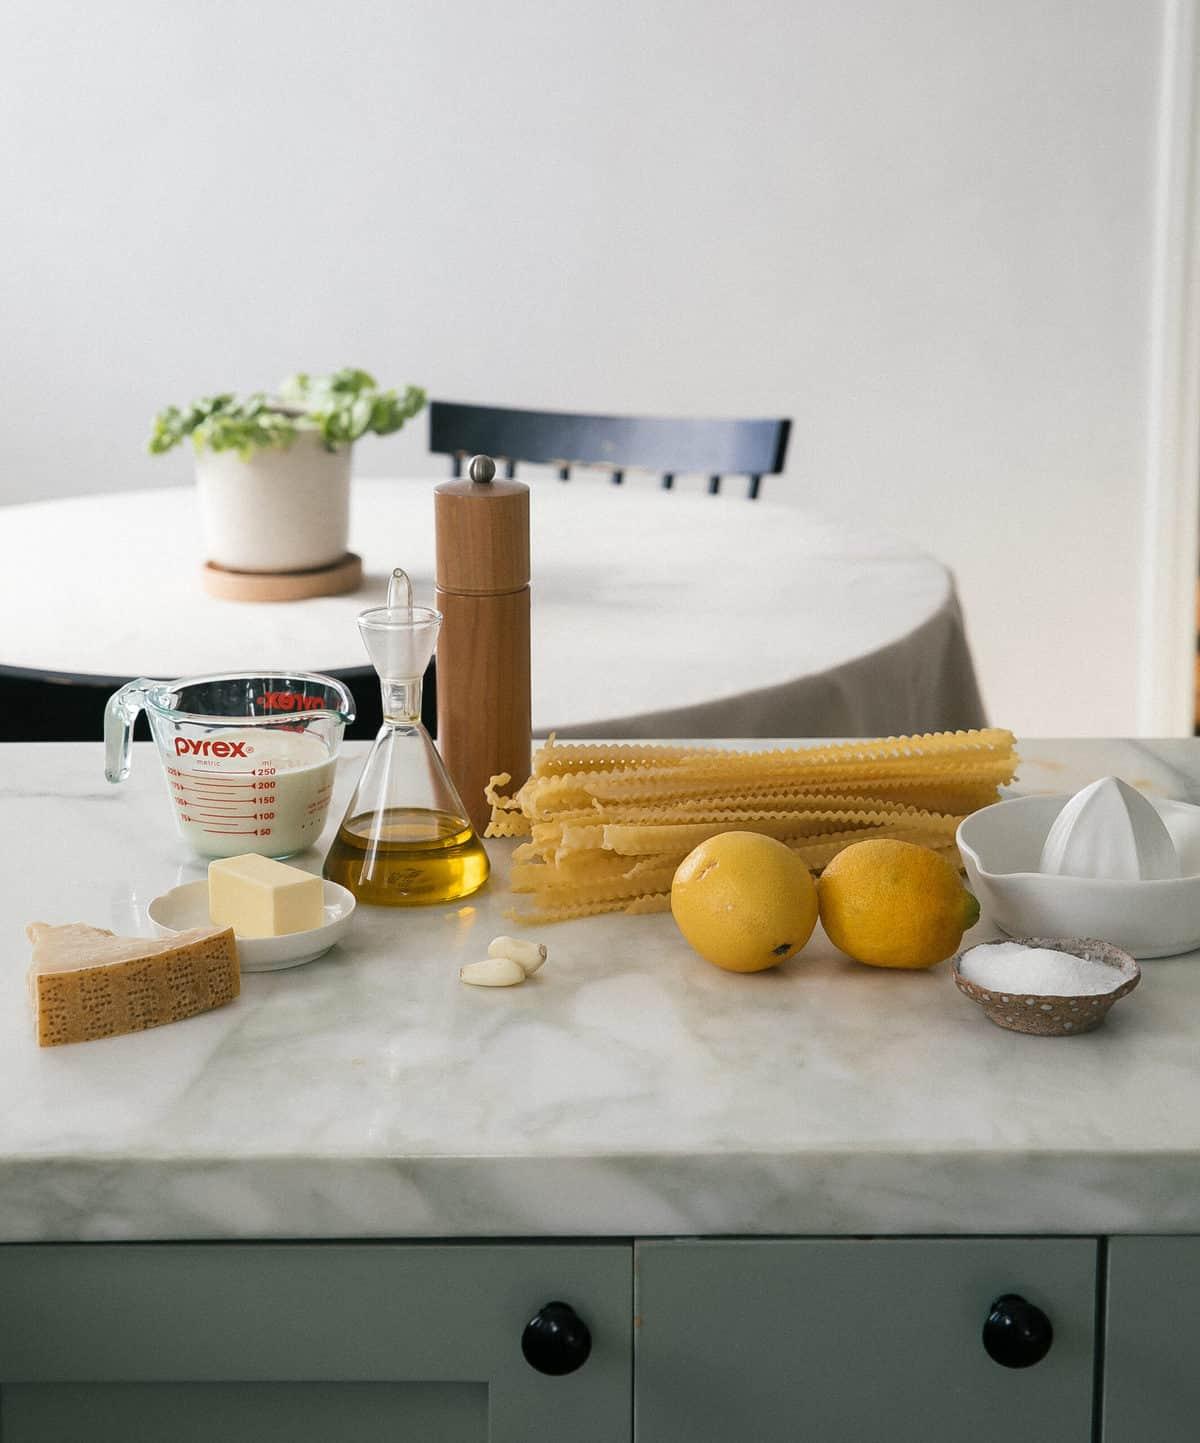 Ingredients: pasta, lemons, olive oil, garlic, butter